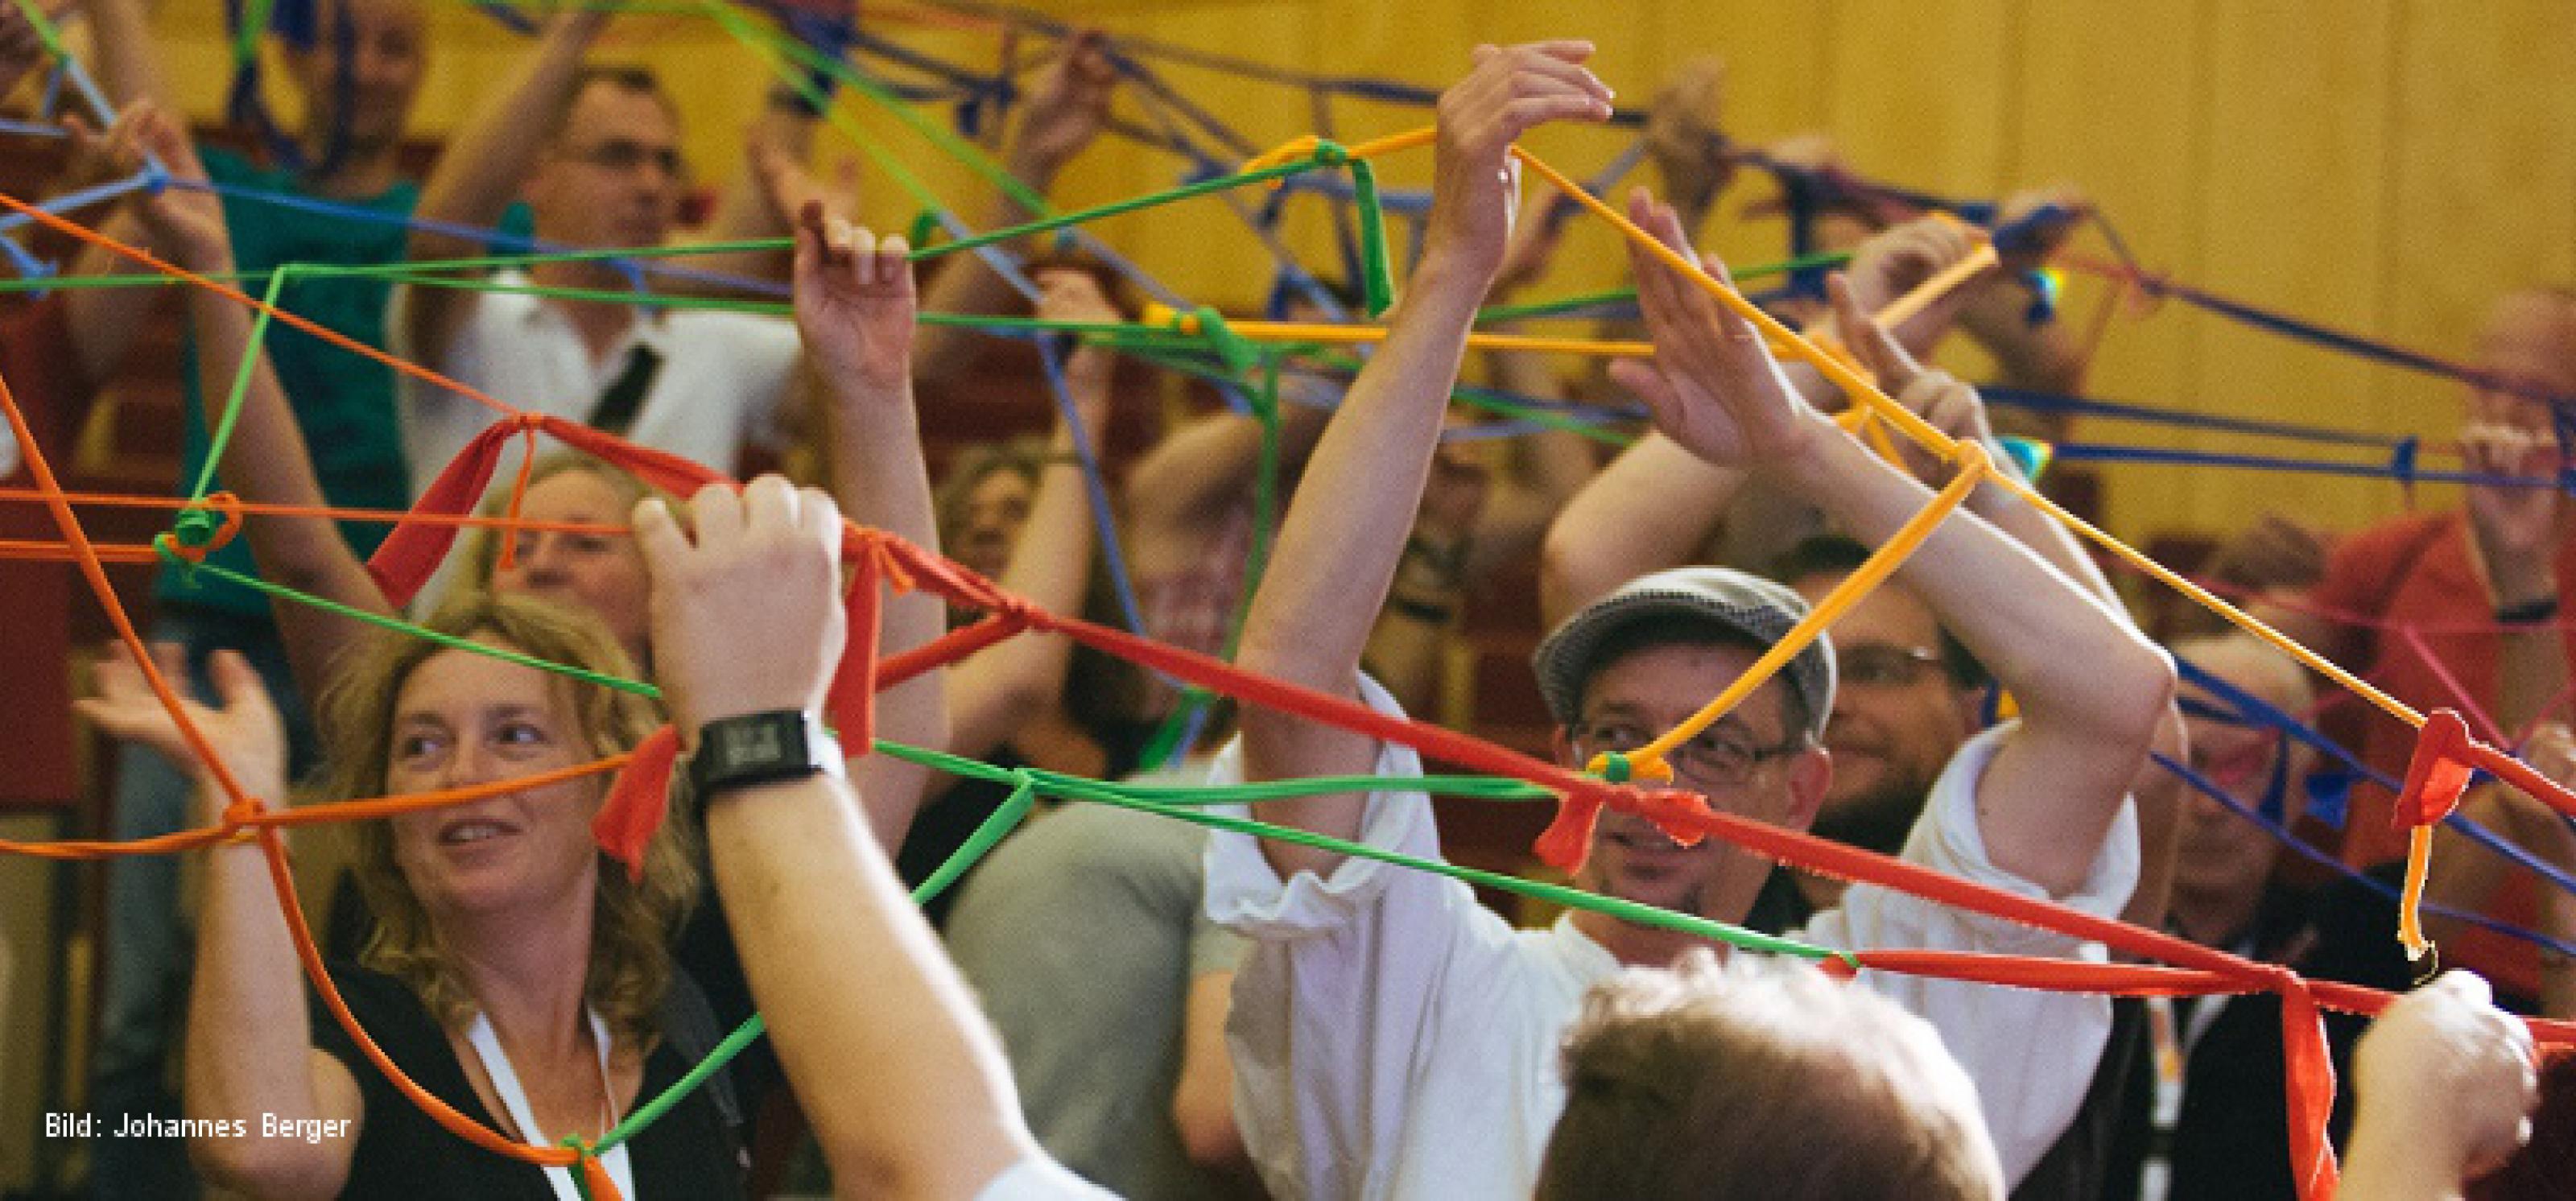 Viele Menschen in einem Konferenzsaal halten an ausgestreckten Armen ein Netz aus zusammengeknüpften bunten Bändern in die Luft